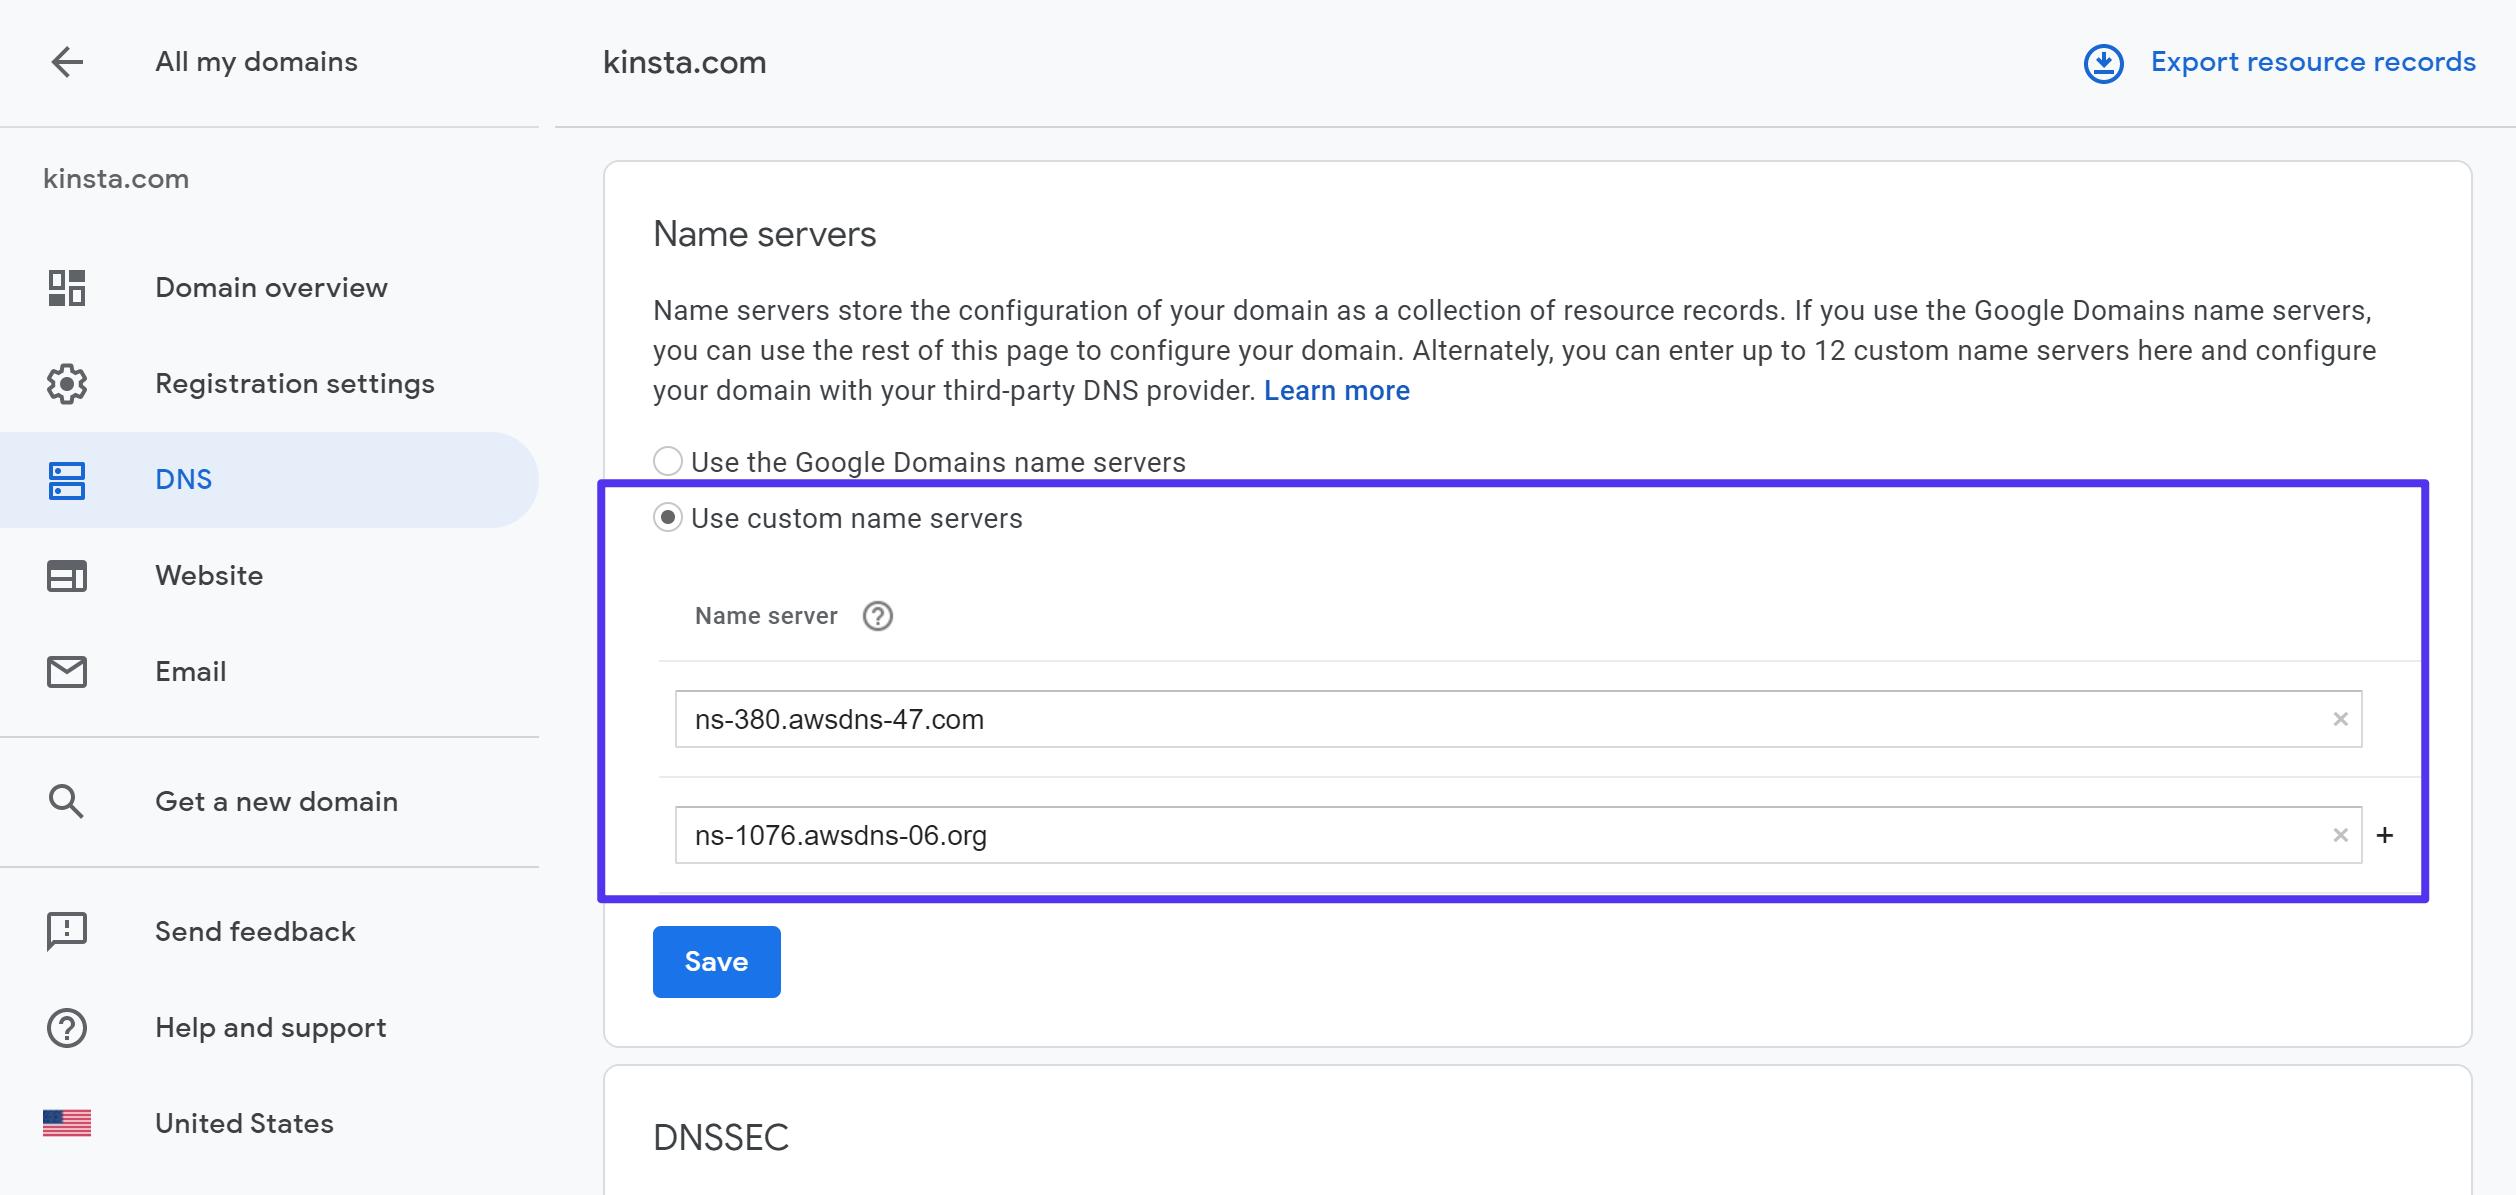 Comment utiliser vos propres serveurs de noms chez Google Domains